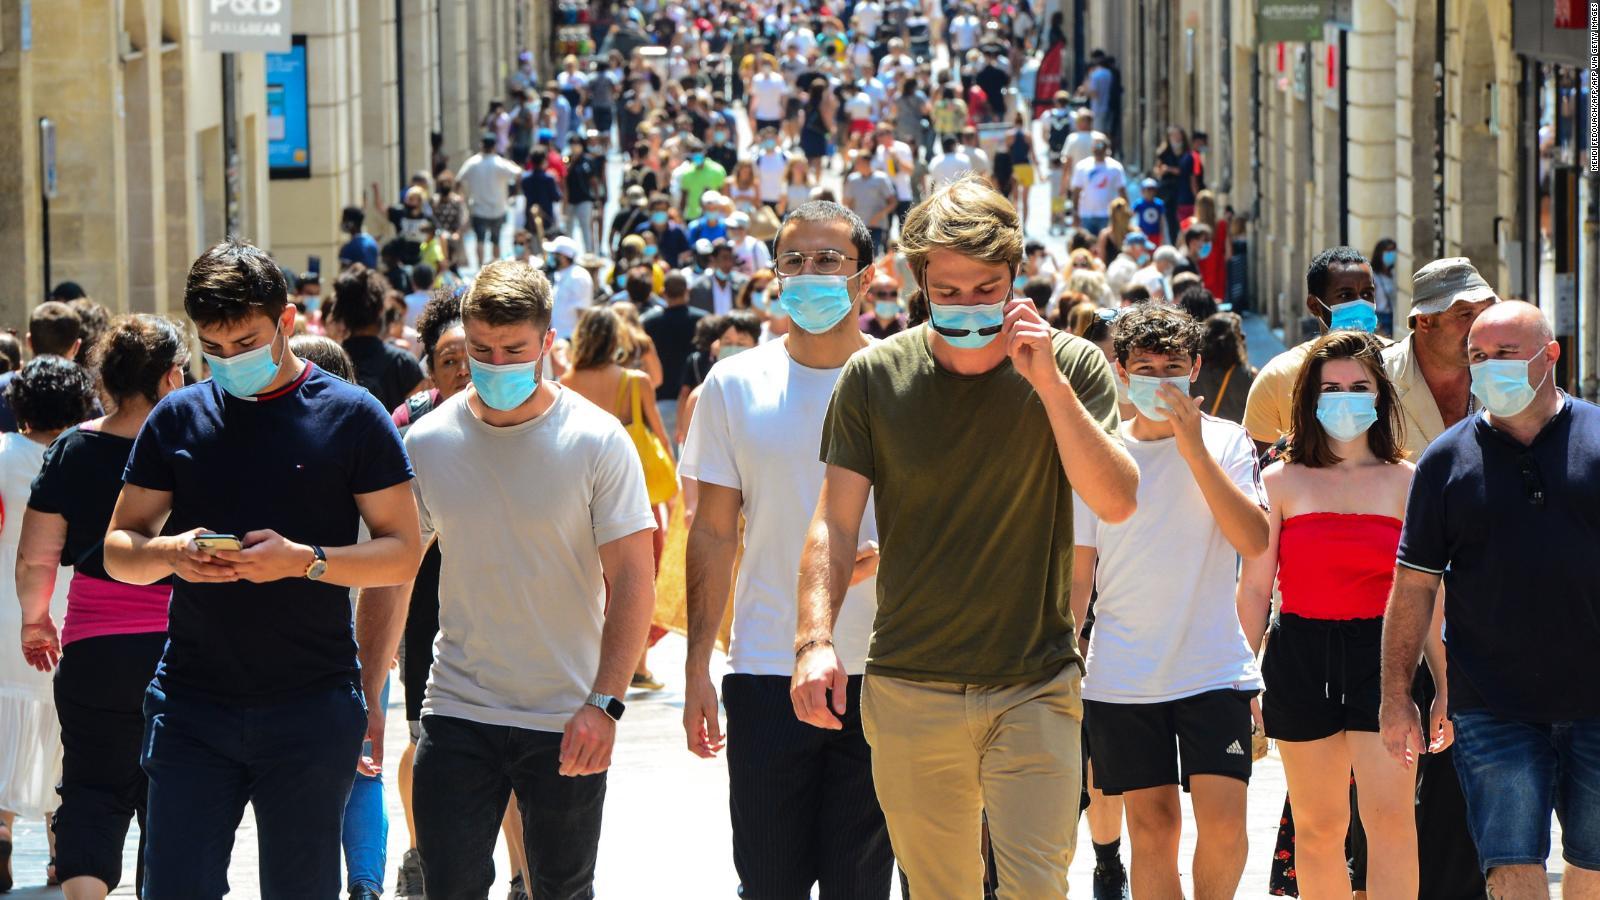 Cómo mantenerse a salvo de las variantes más contagiosas del coronavirus: la doctora Wen lo explica